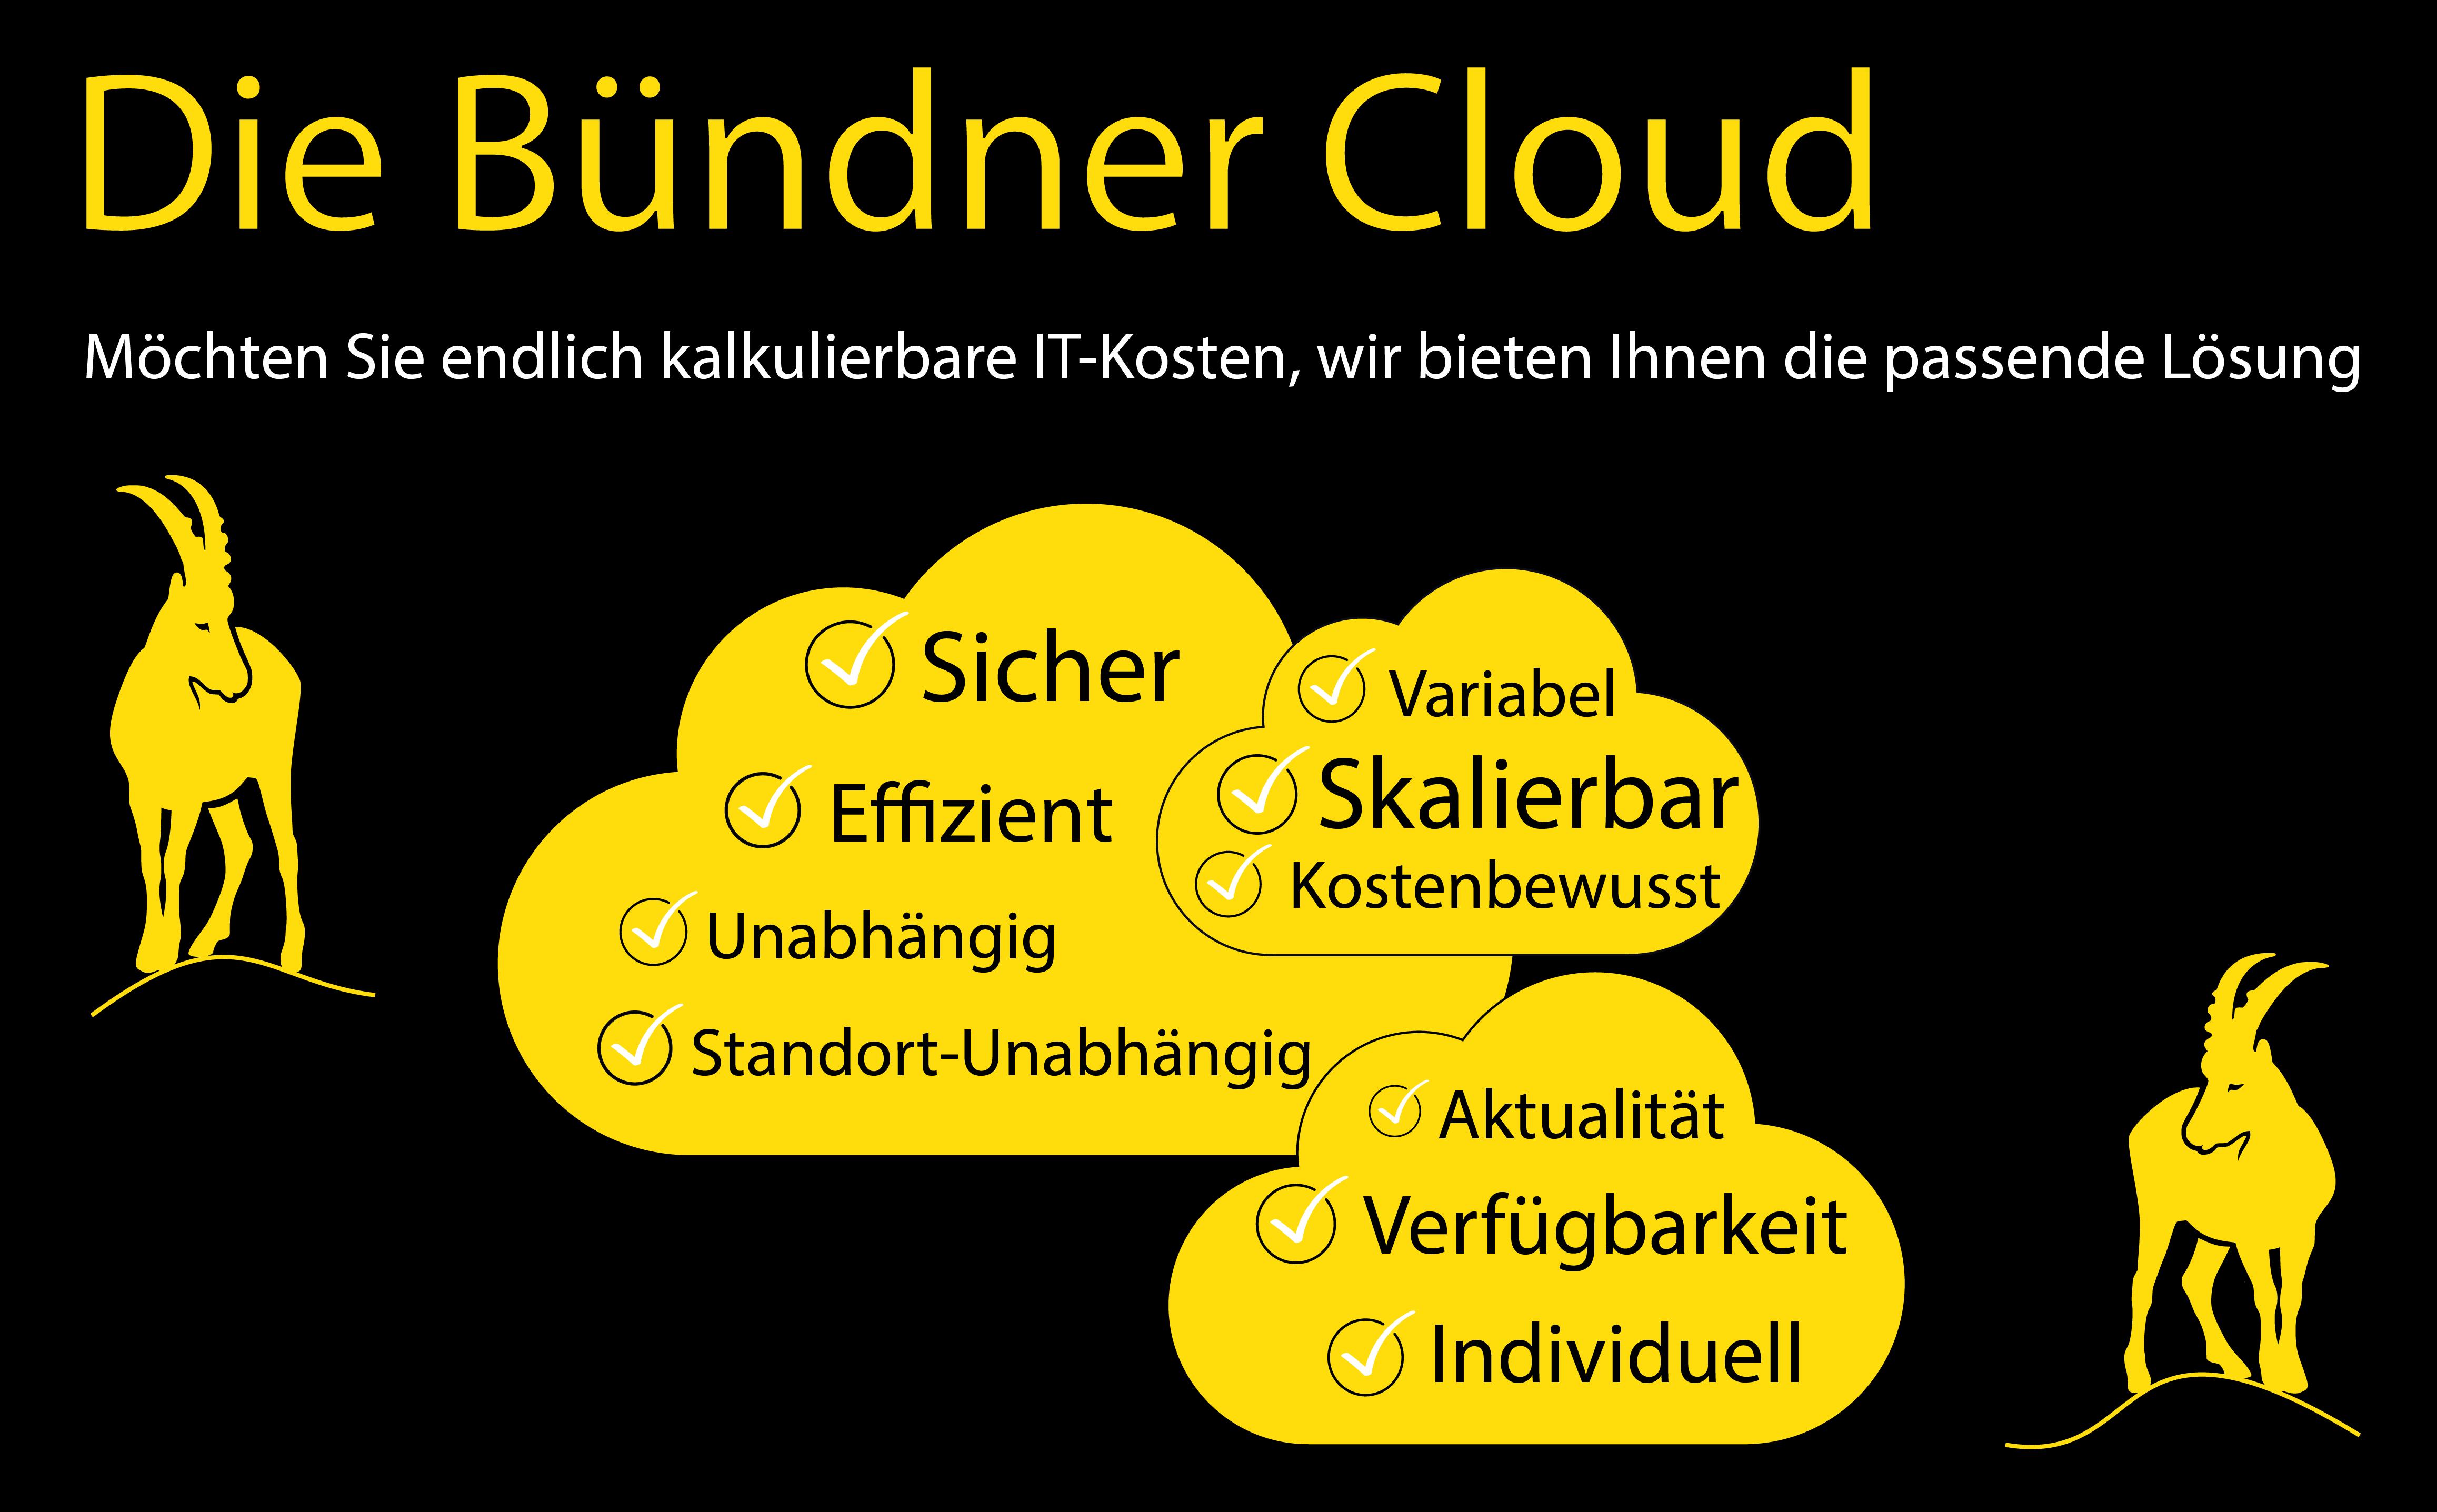 Bündner Cloud